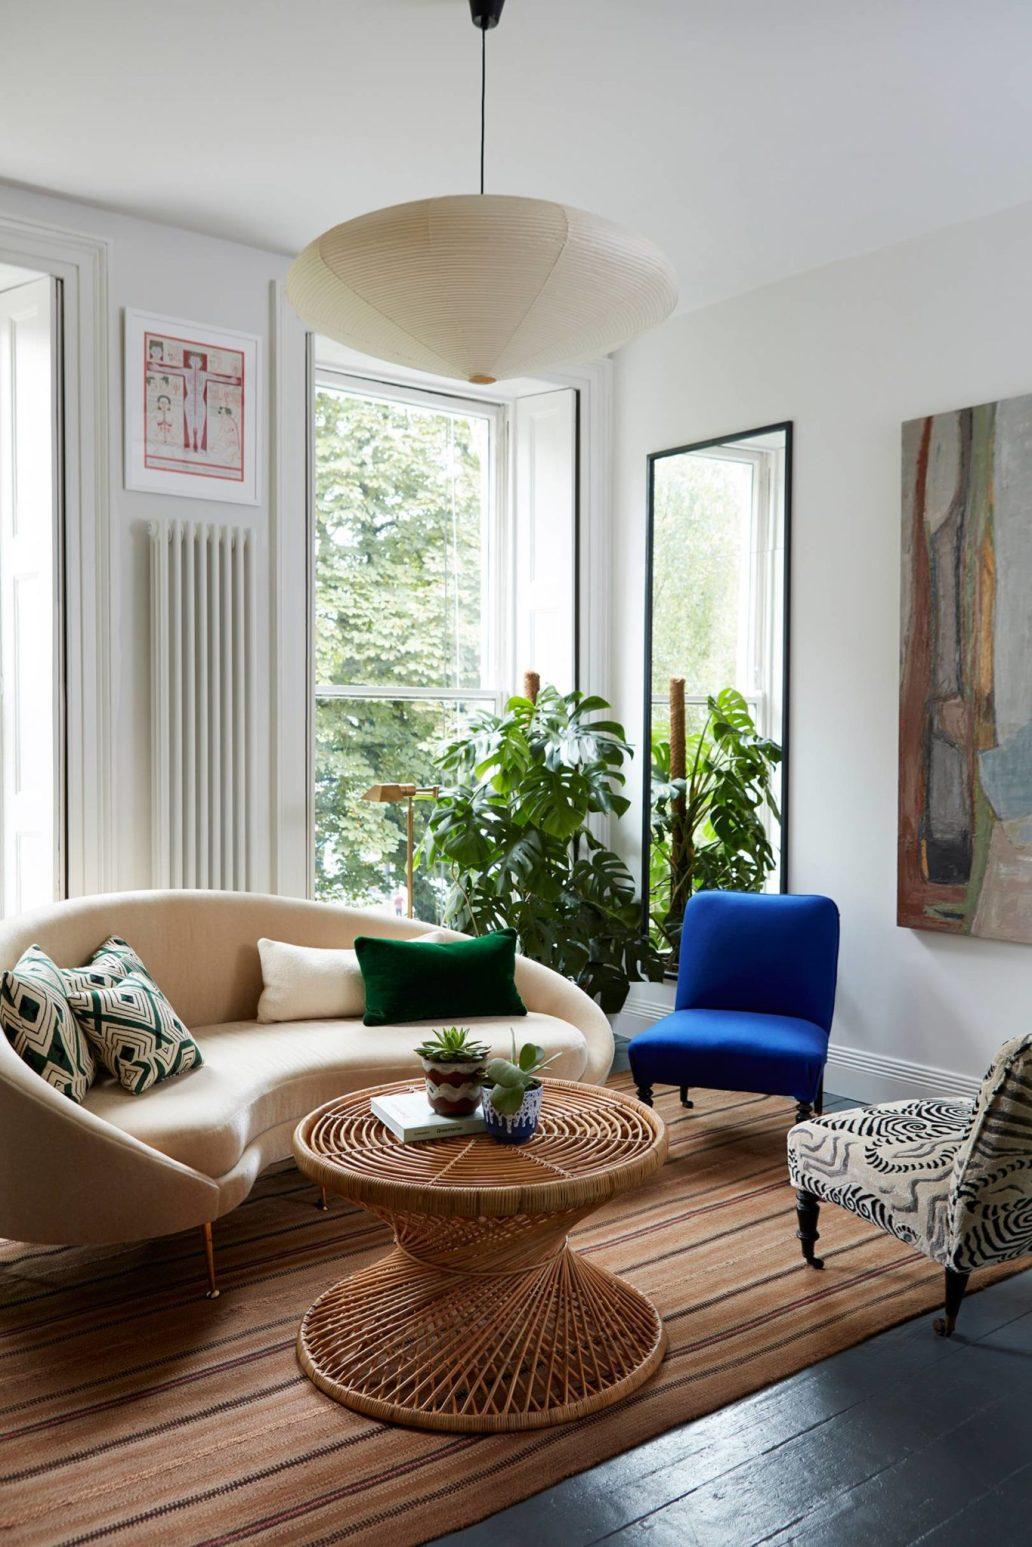 Un salon à la décoration moderne et épuré 1366x2048 - Comment aménager un intérieur design ?